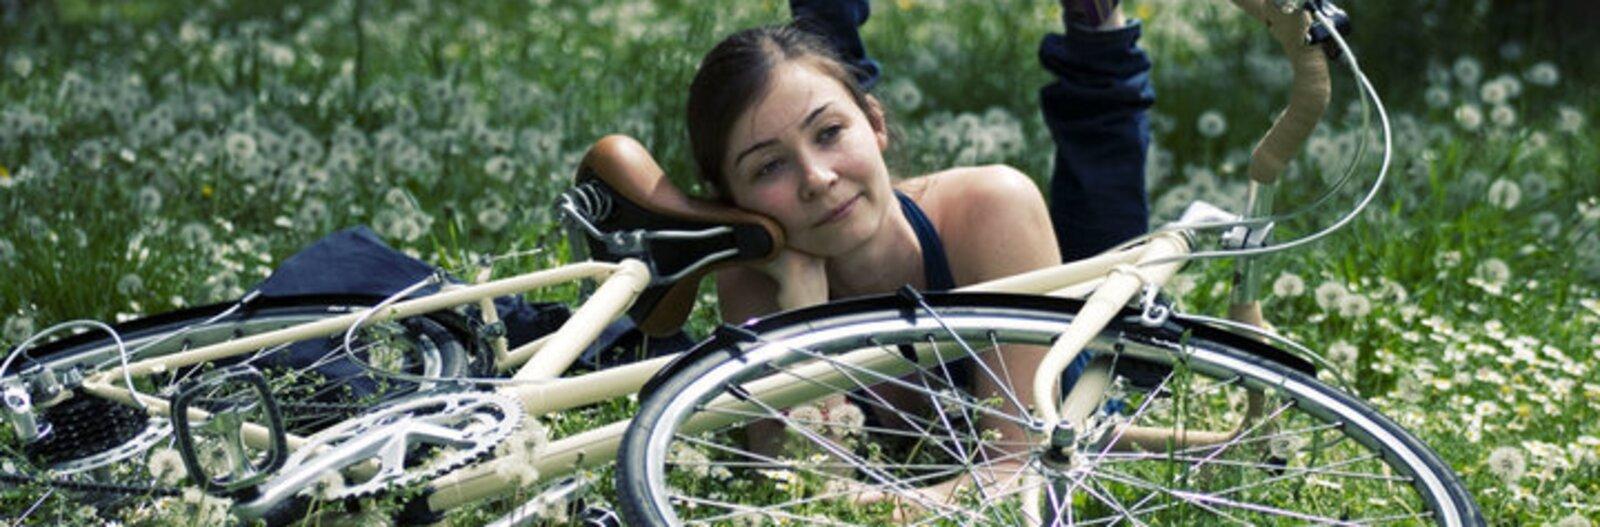 Itt vásárolj bringát - Különleges bicikliboltok Budapesten